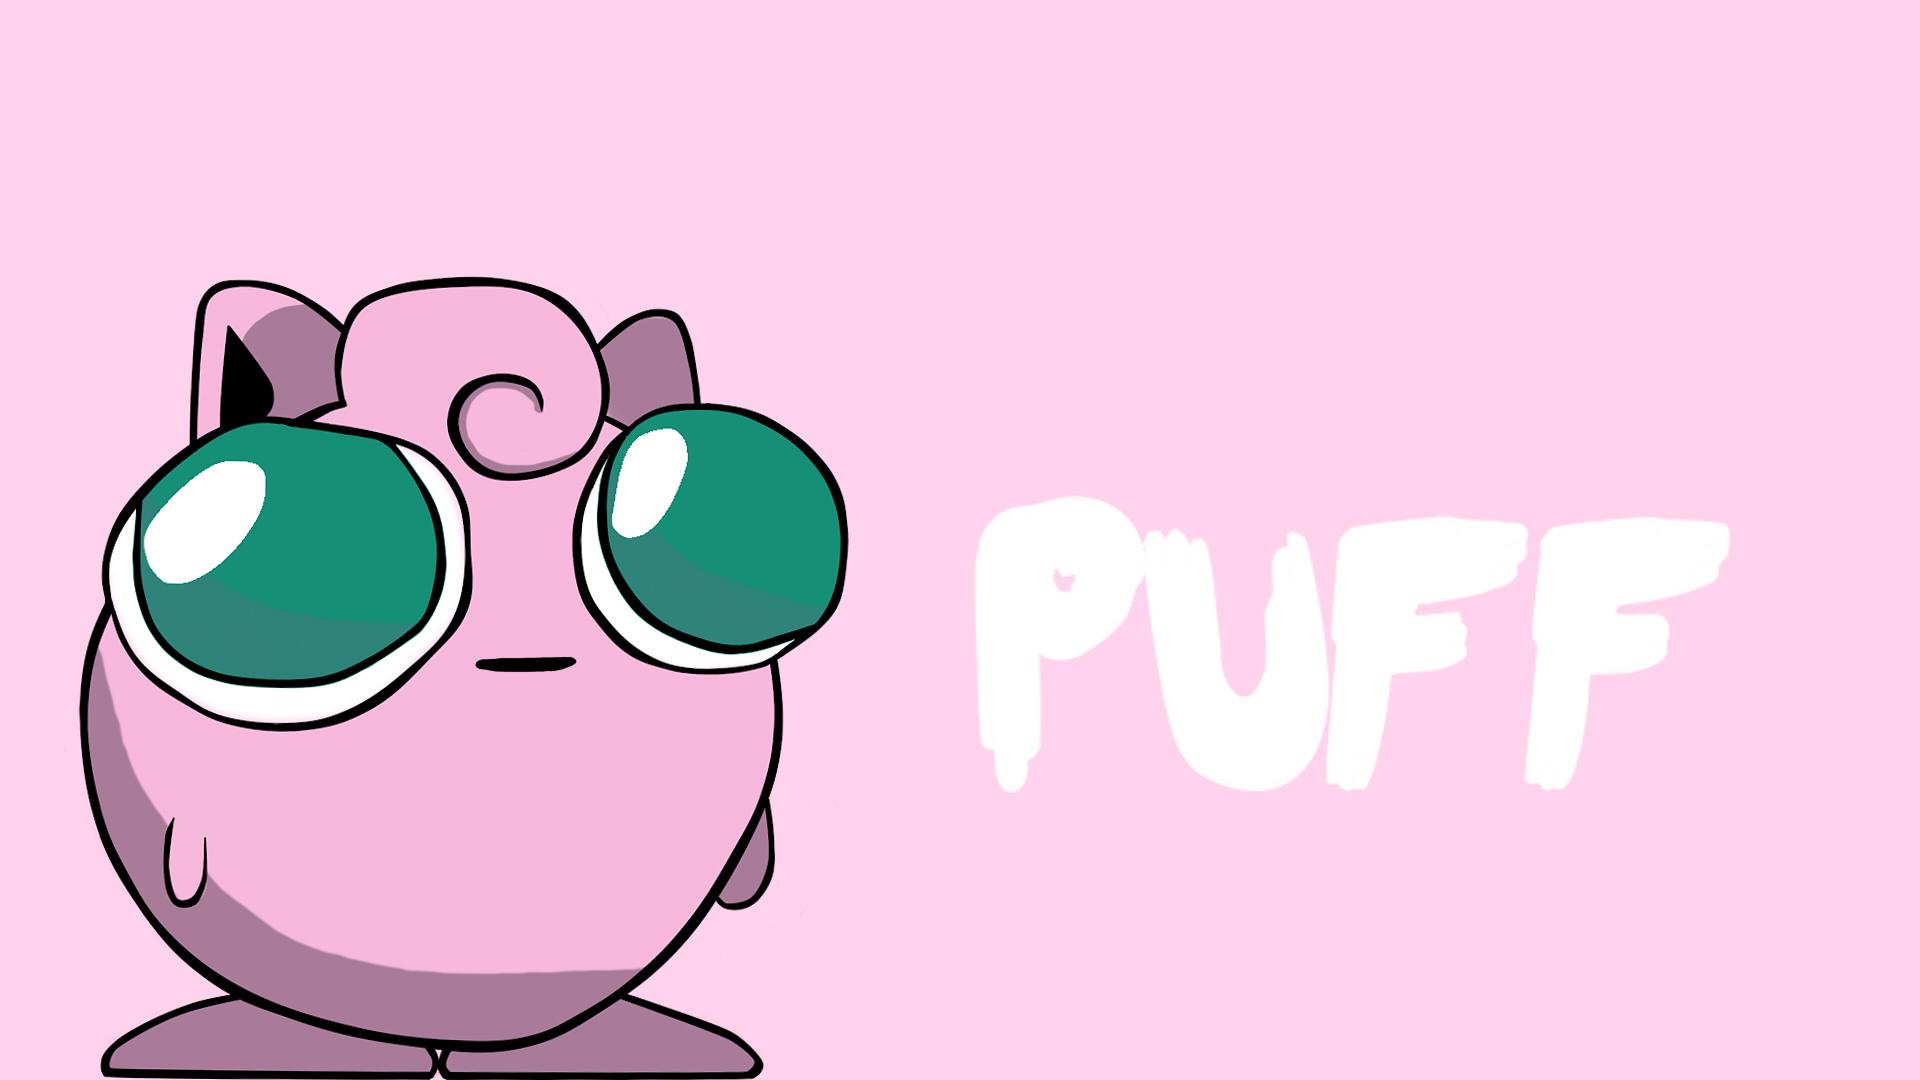 jigglypuff the derp pokemon by ookamiyukioo on deviantart